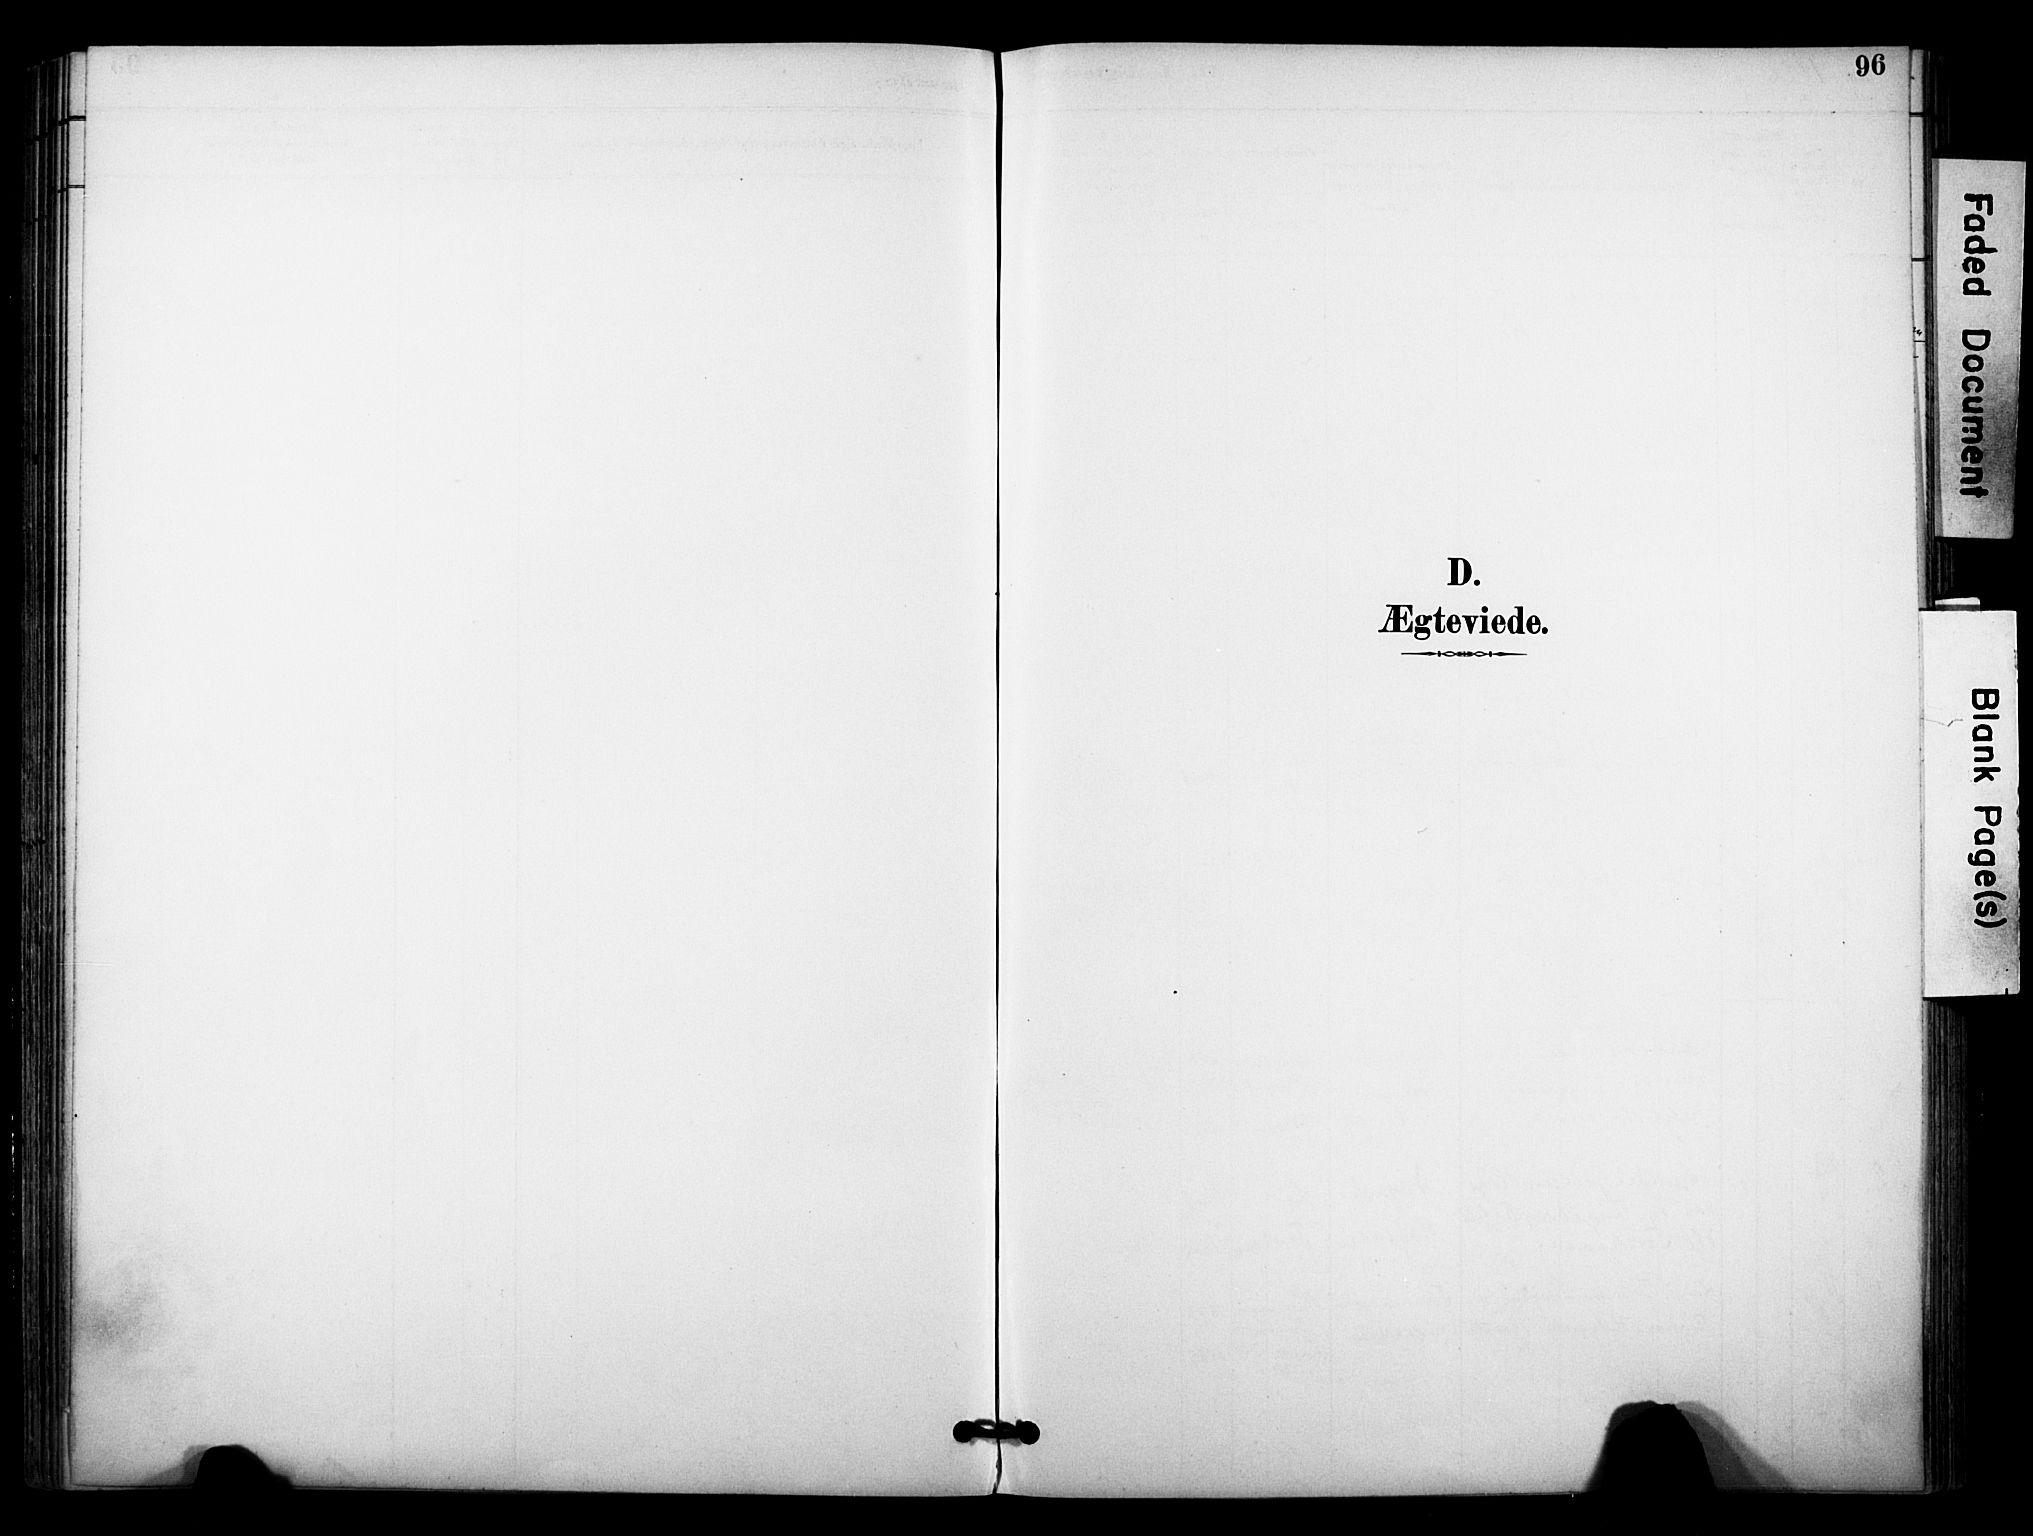 SAKO, Bø kirkebøker, F/Fa/L0011: Ministerialbok nr. 11, 1892-1900, s. 96